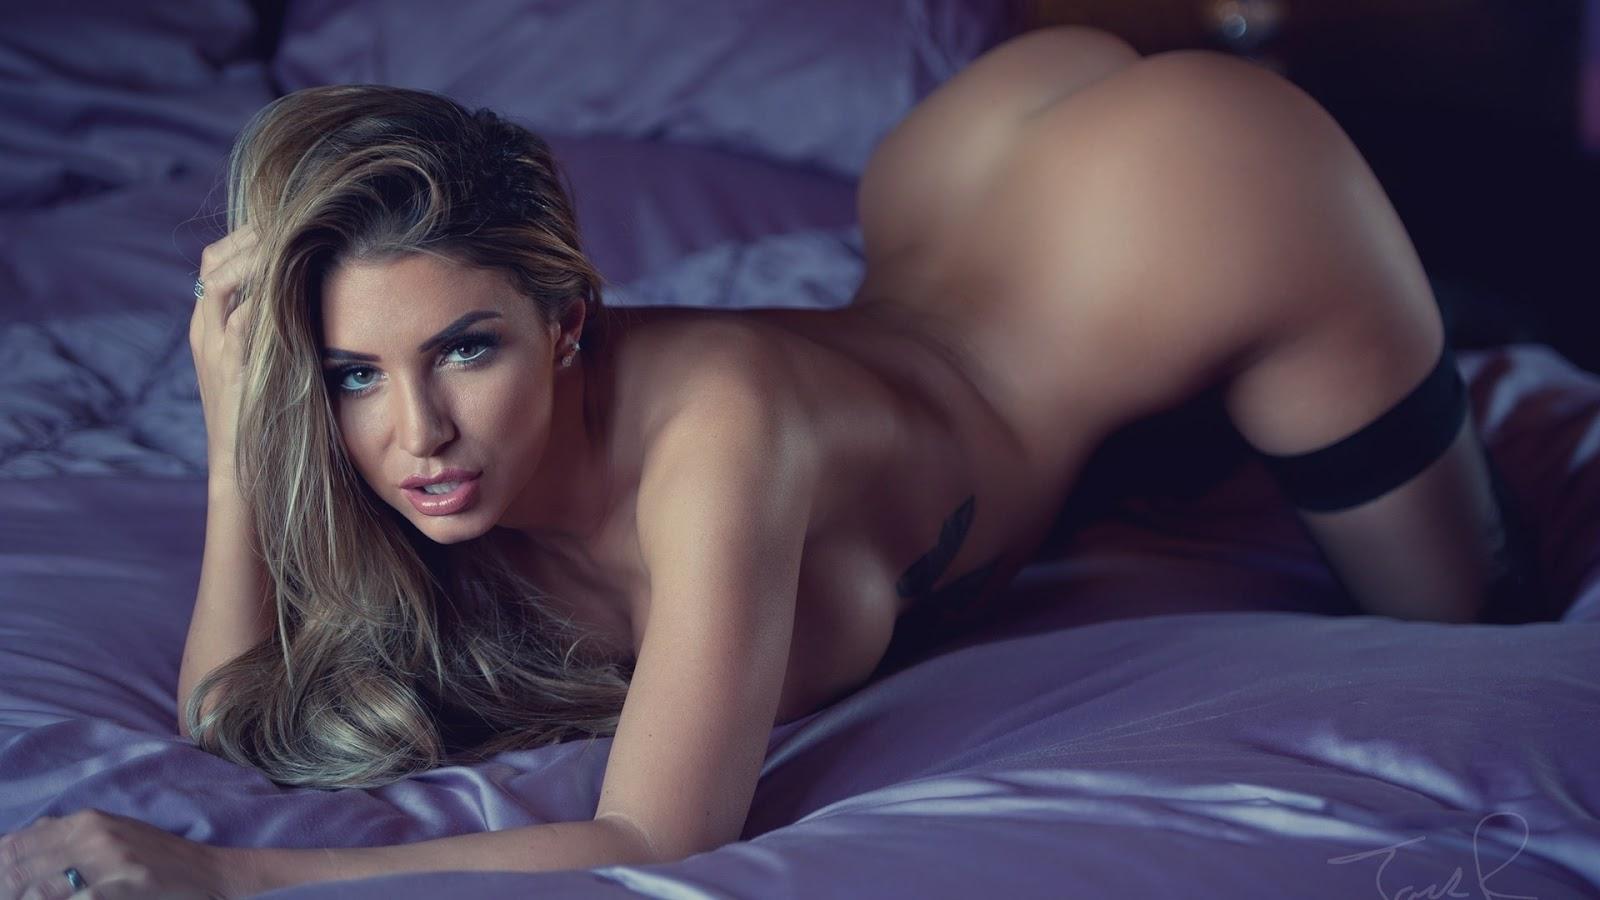 Wallpaper, sexy wallpaper, ragazze nude, wallpaper pc, ragazza nuda, capelli biondi, trucco, letto, culo, tette